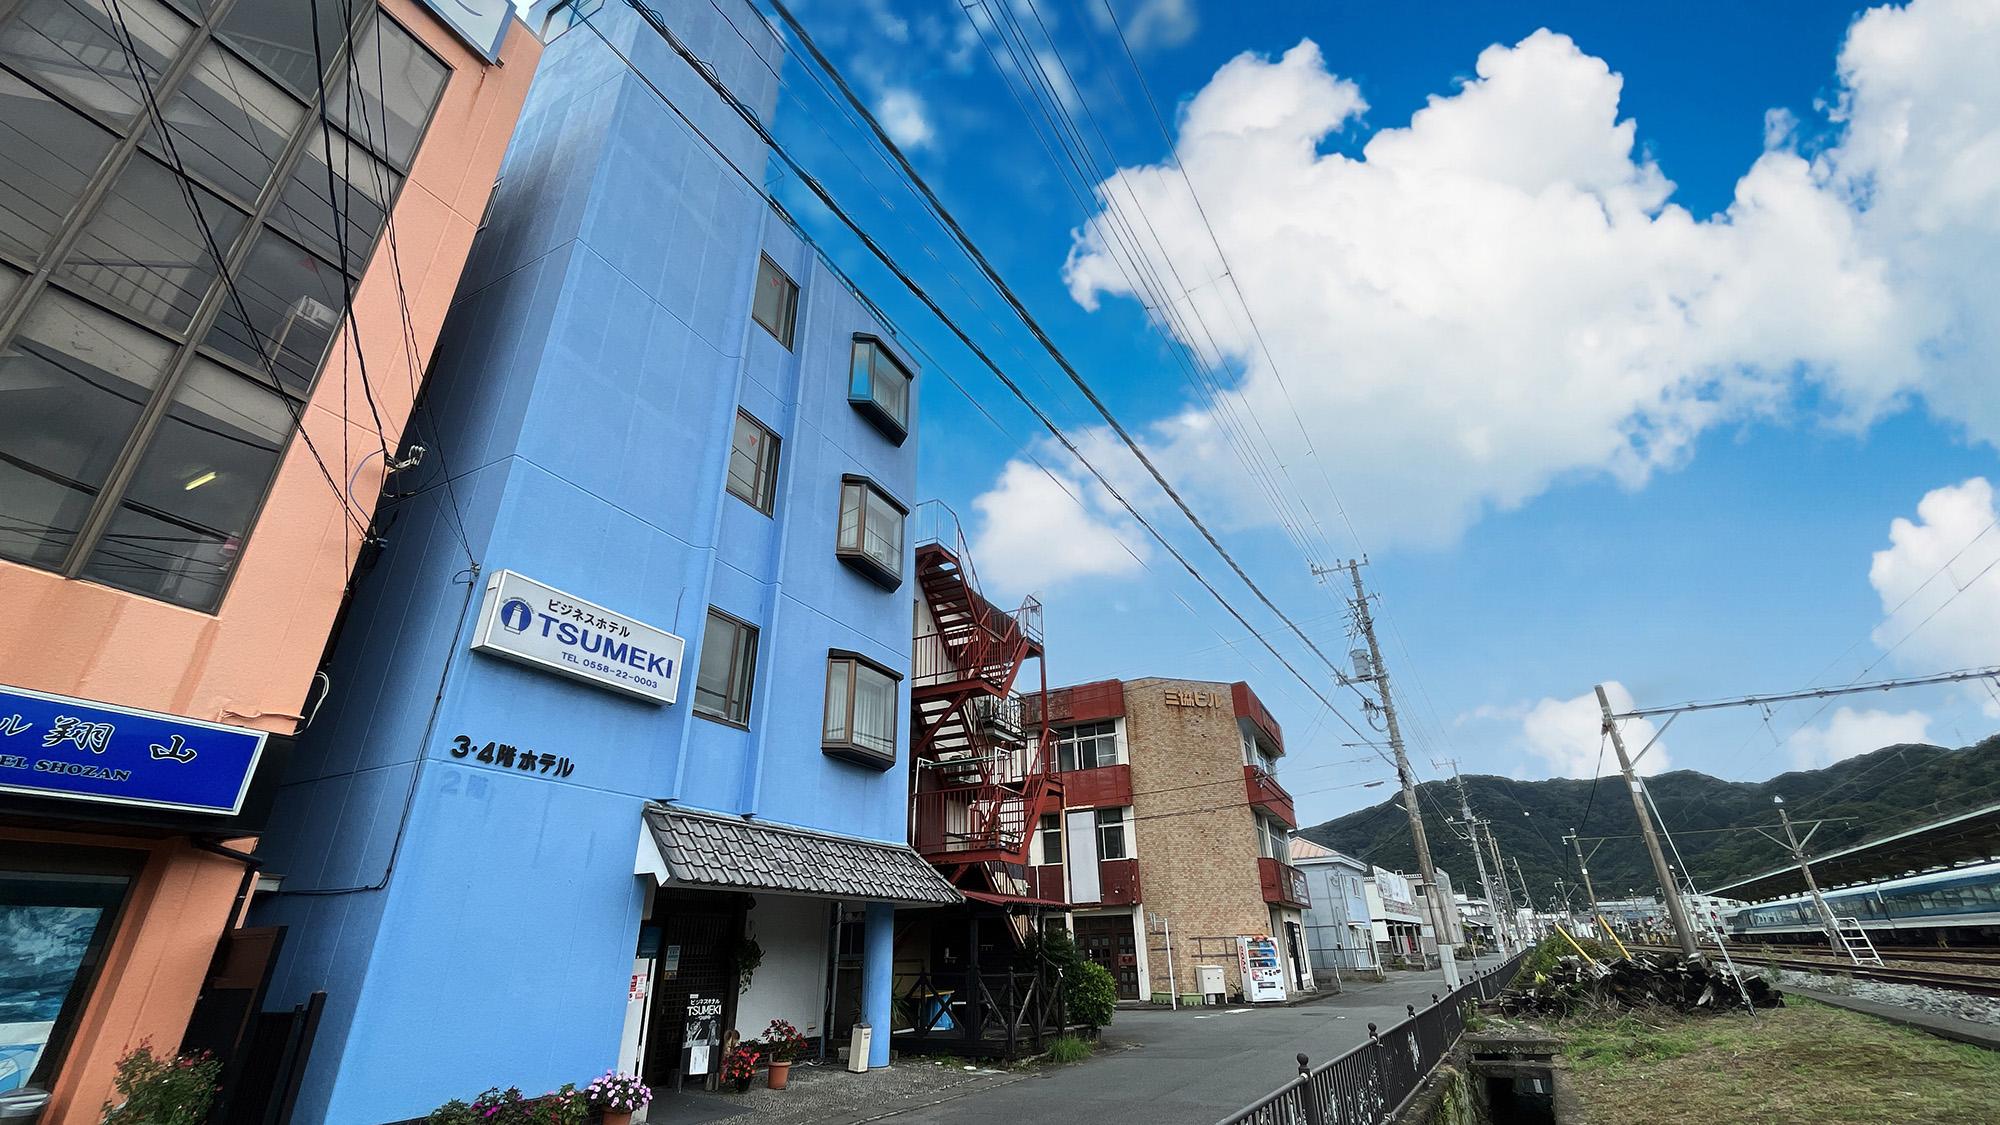 ビジネスホテル TSUMEKIの施設画像